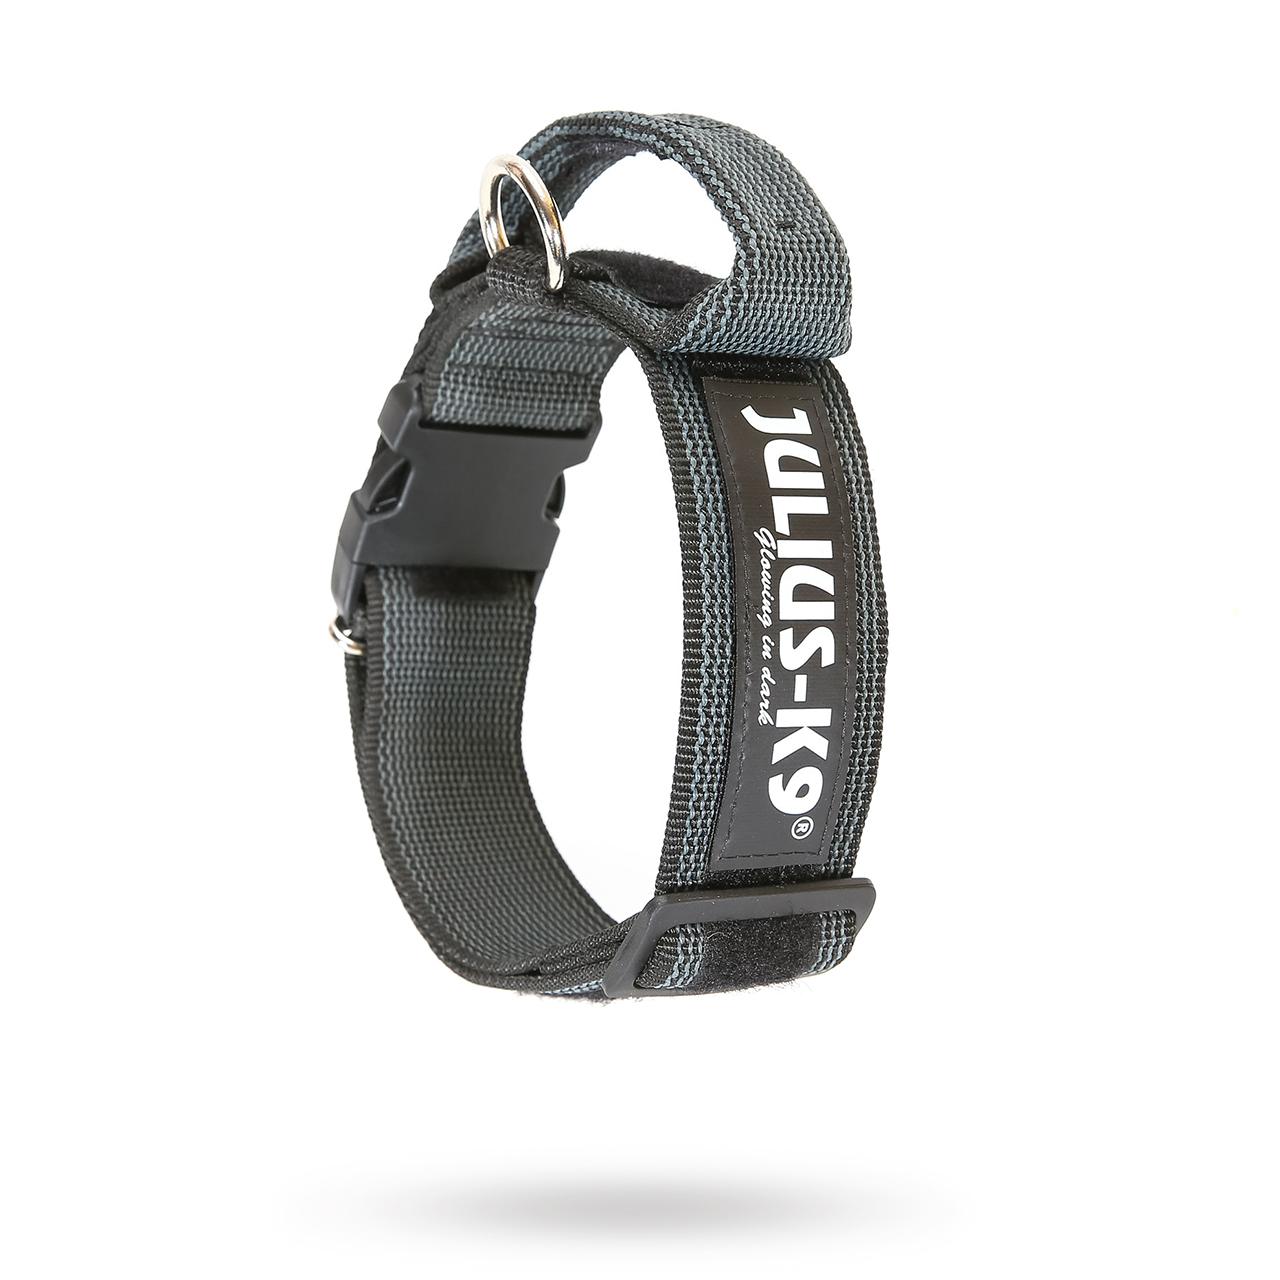 Julius K9 SuperGrip Halsband Svart